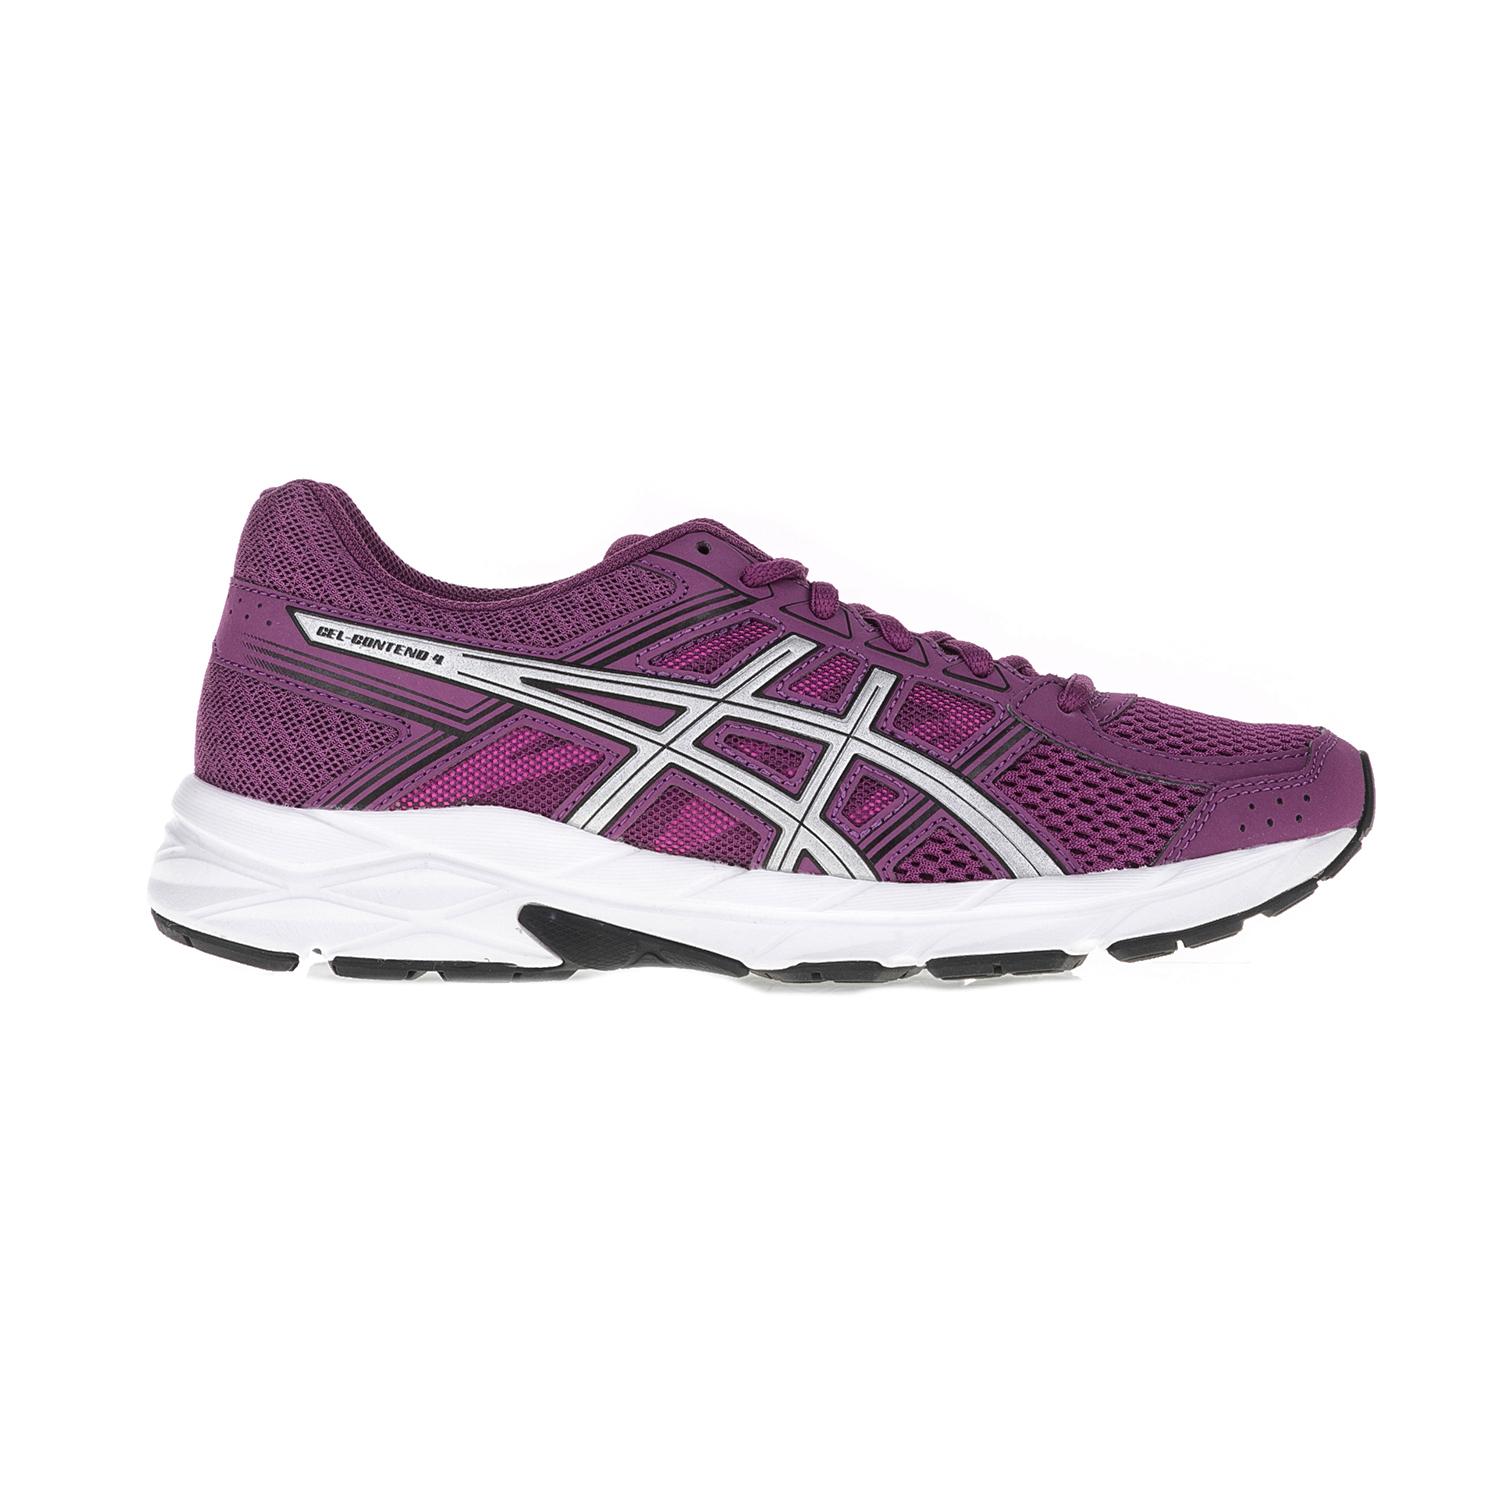 ASICS (FO) – Γυναικεία αθλητικά παπούτσια ASICS GEL-CONTEND 4 μοβ-λευκό